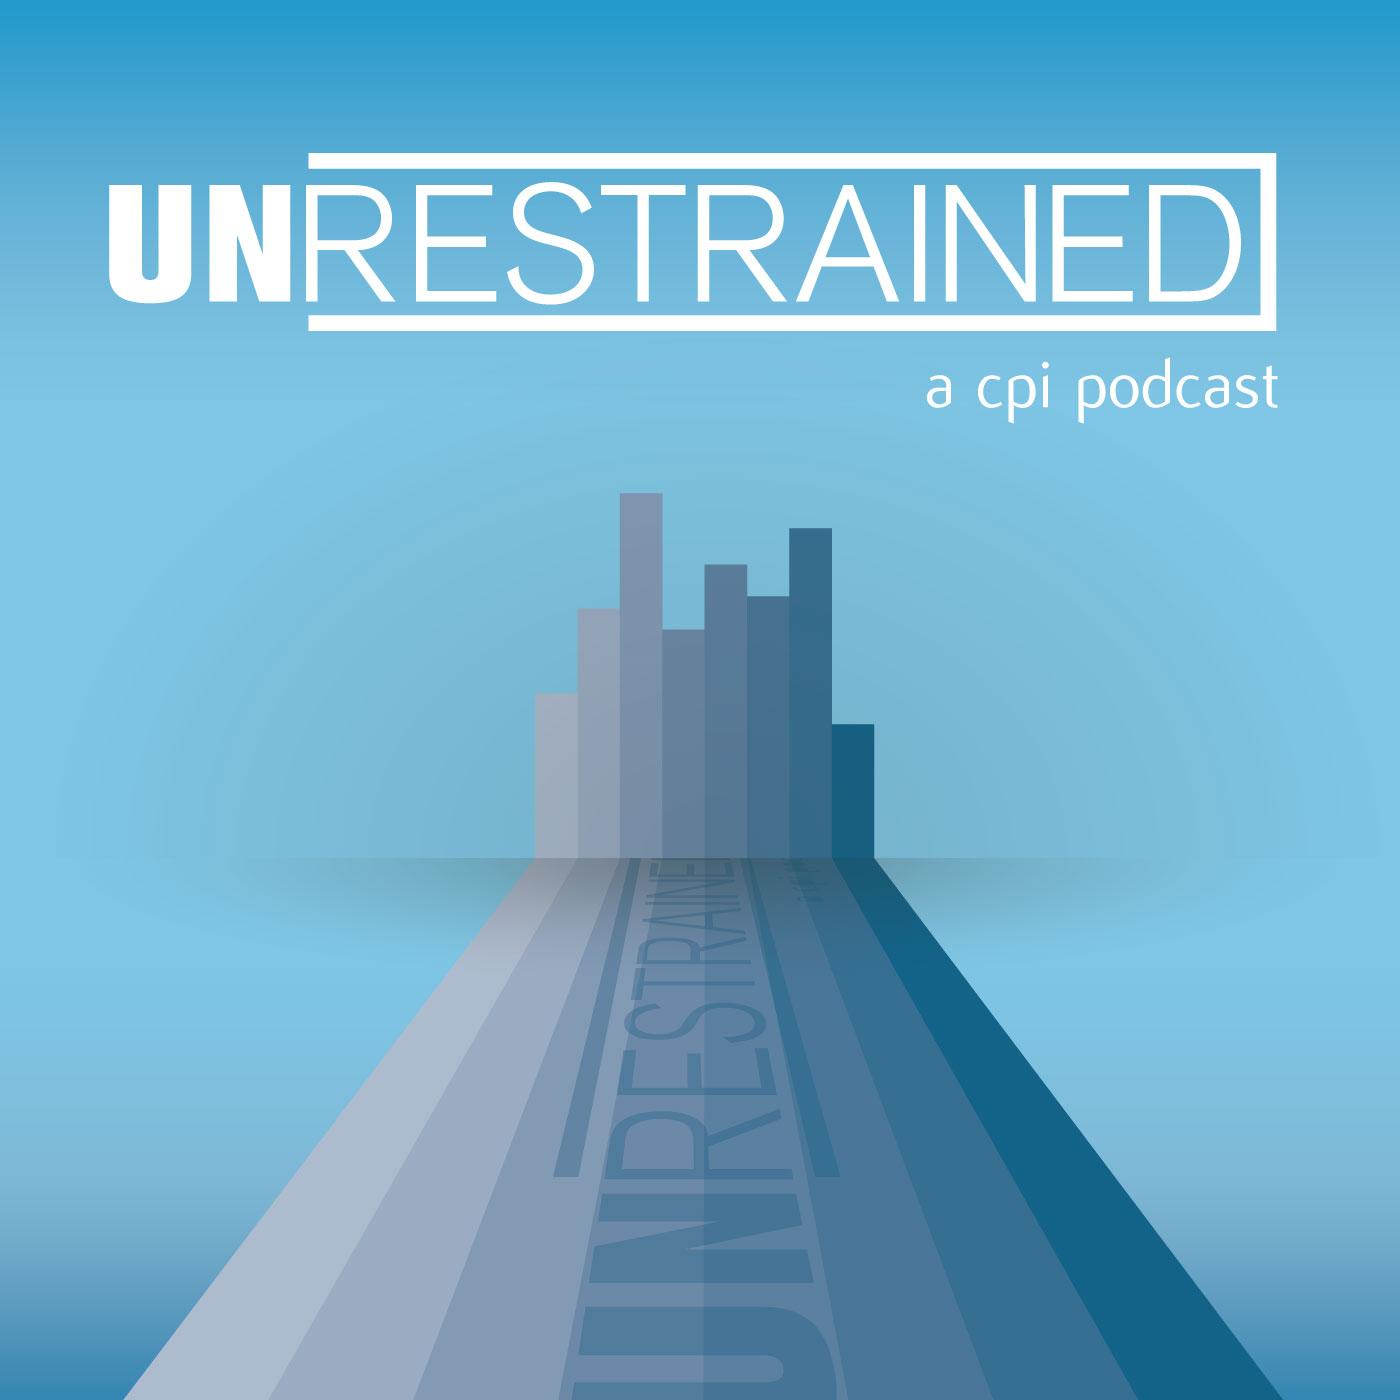 Artwork for Unrestrained - Episode 5, Guest: Julie Hertzog